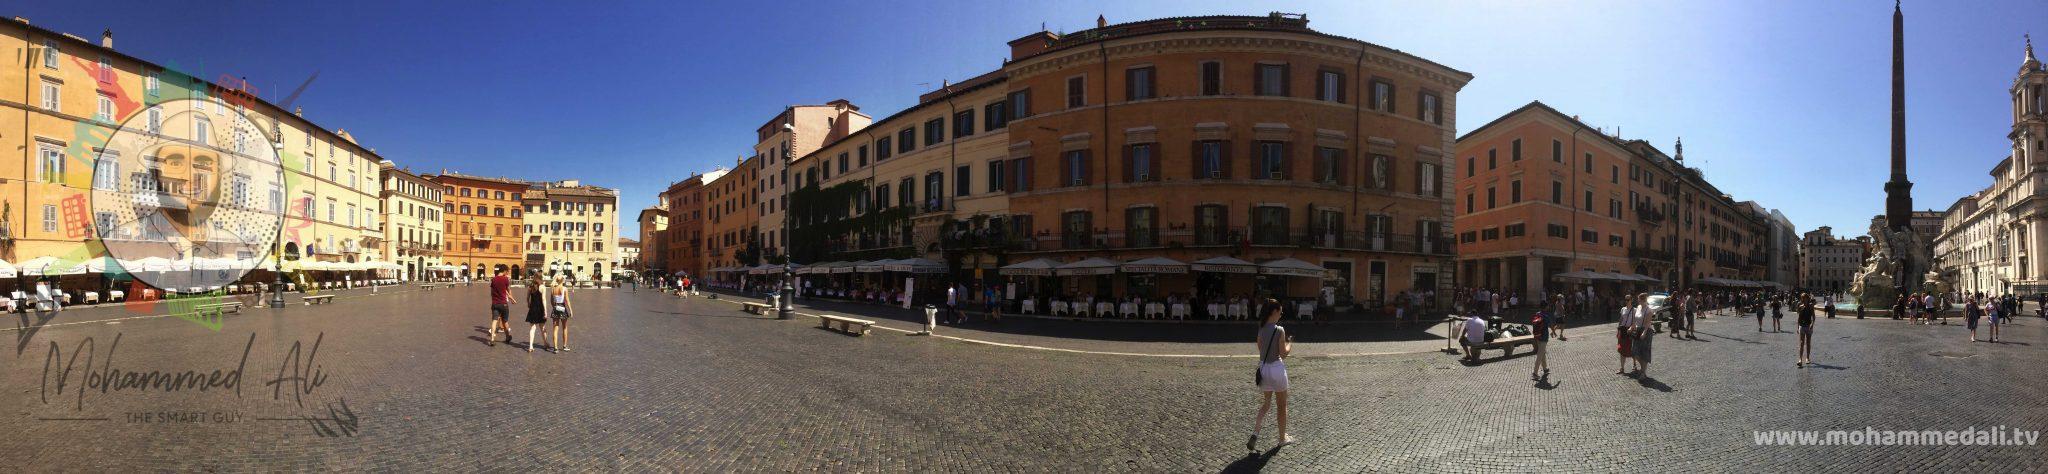 Panoramic view of Piazza Navona